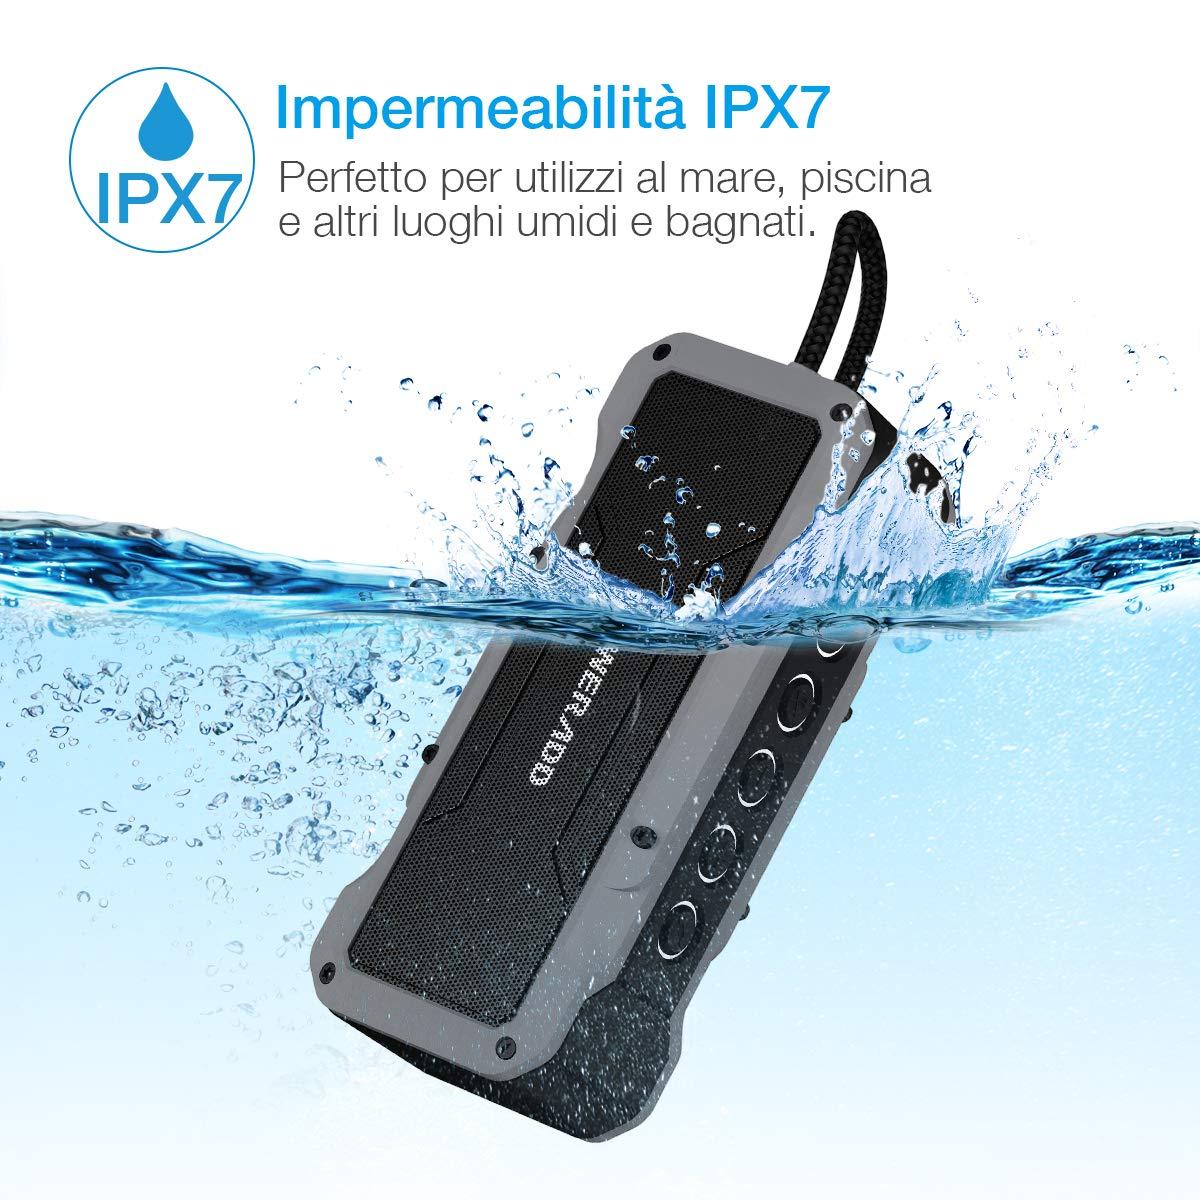 POWERADD Cassa Bluetooth Wireless Waterproof con Audio HD 36W, Altoparlante Bluetooth Portatile con Impermeabilità IPX7 a Prova di Urti e Polvere, Ingresso Aux-in, per Utilizzo All\'aperto - Grigio